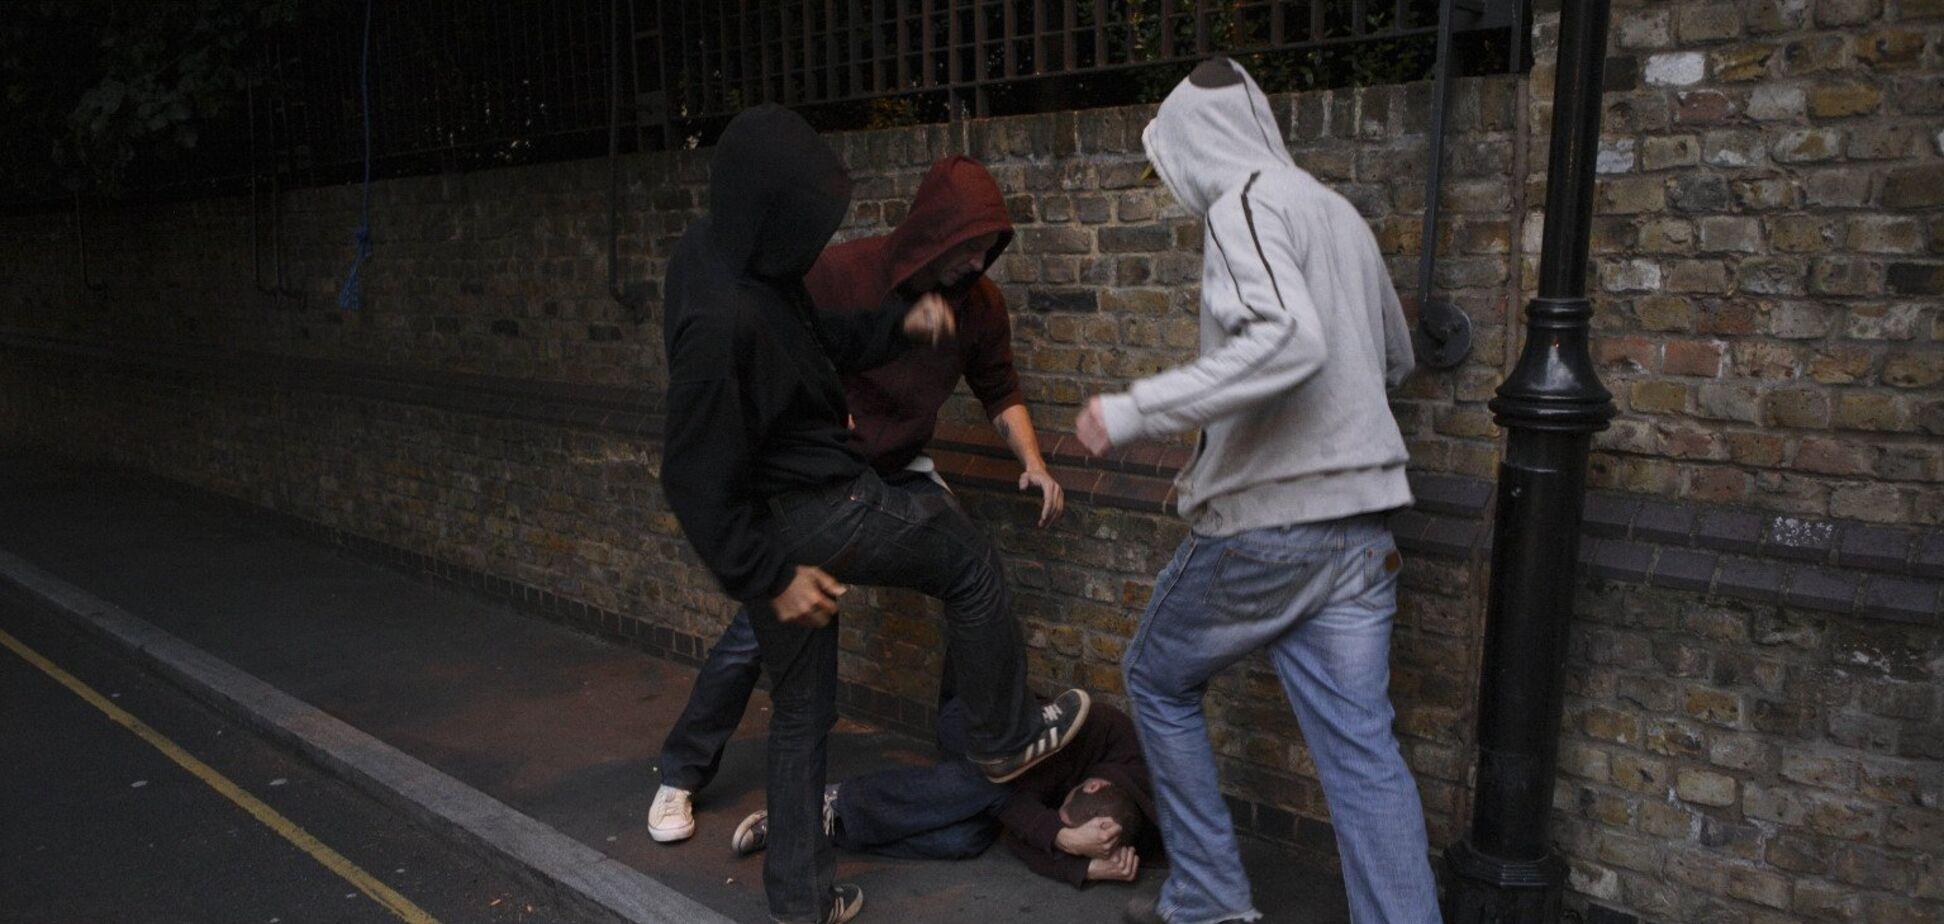 В Кривом Роге задержали мужчин, совершивших разбойное нападение посреди улицы